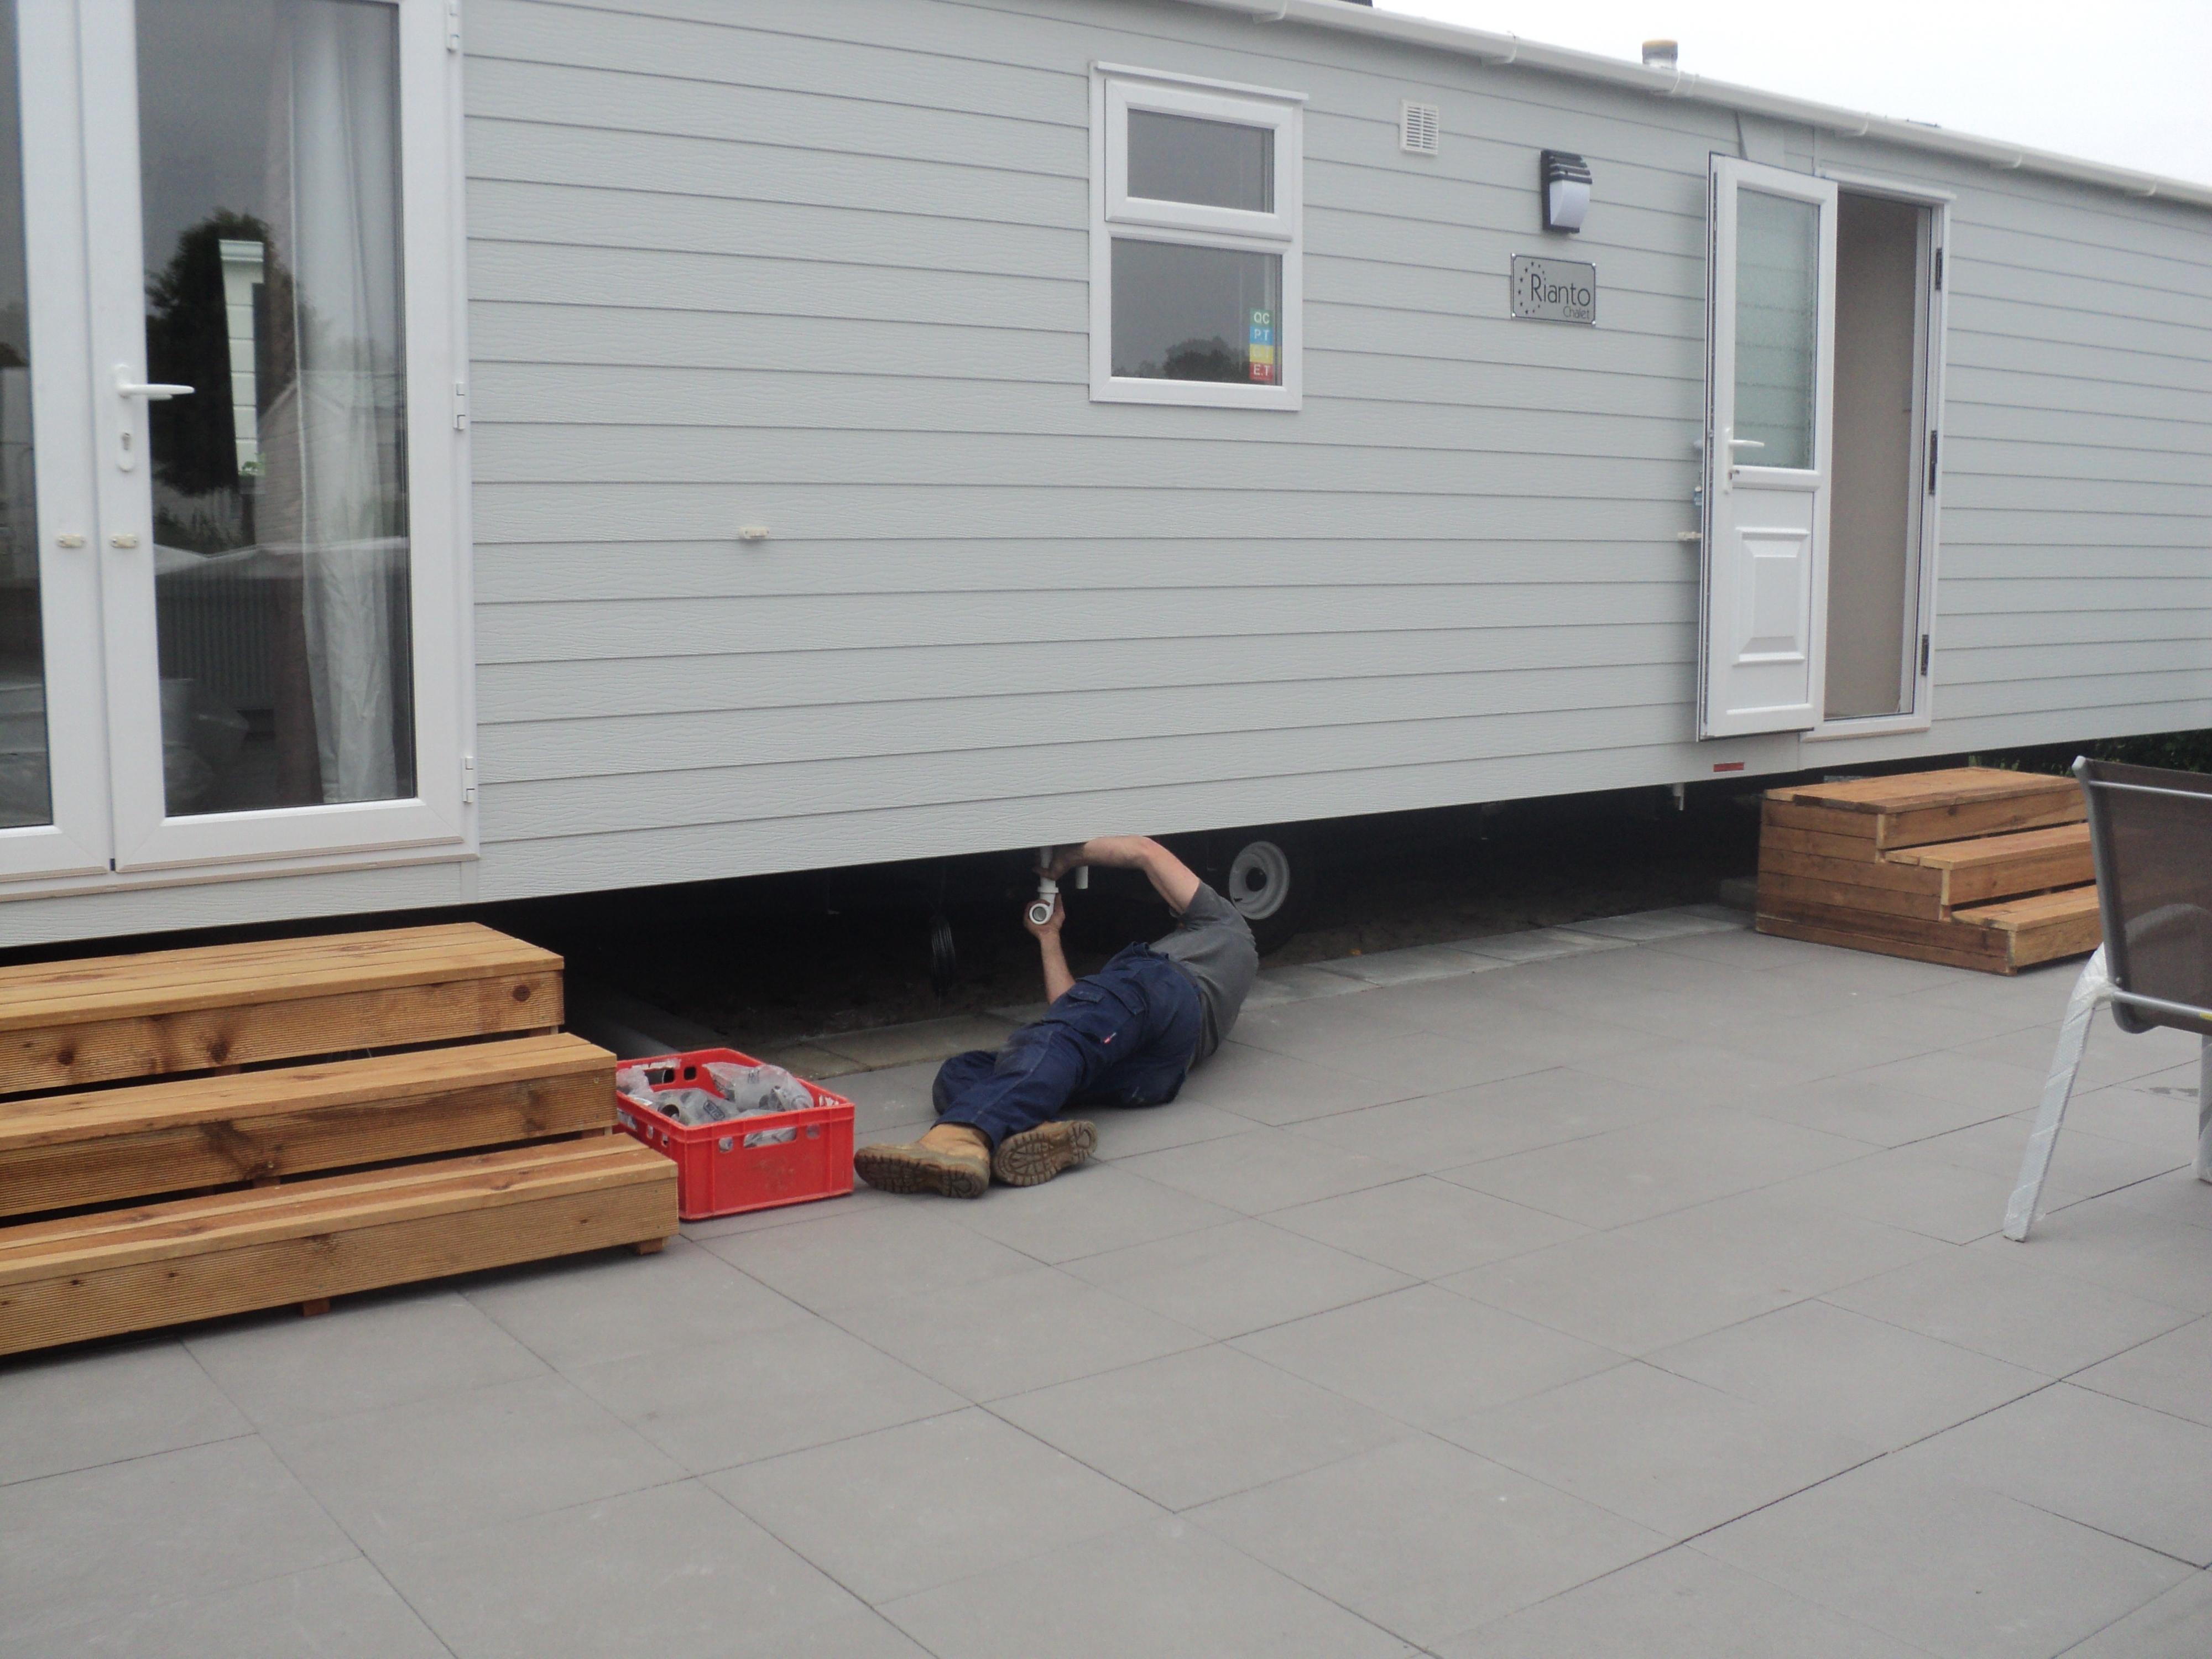 installatiebedrijf noldus caravan chalet winterklaar maken caravan chalet